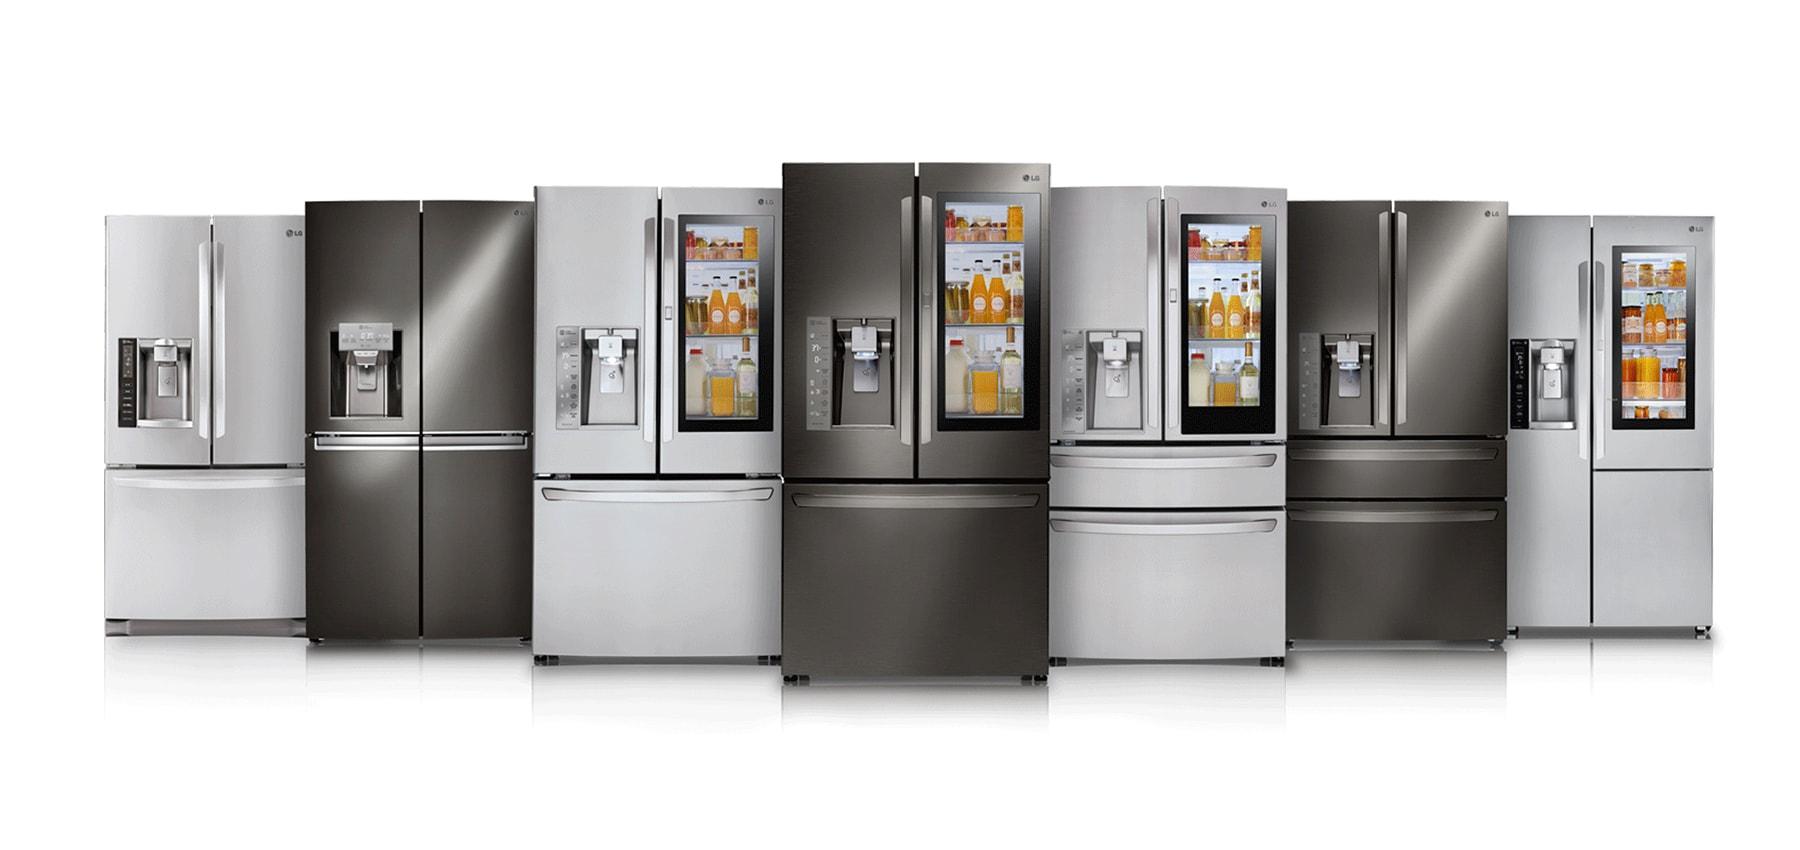 نحوه انتخاب سبک درب مناسب در راهنمای خرید یخچال